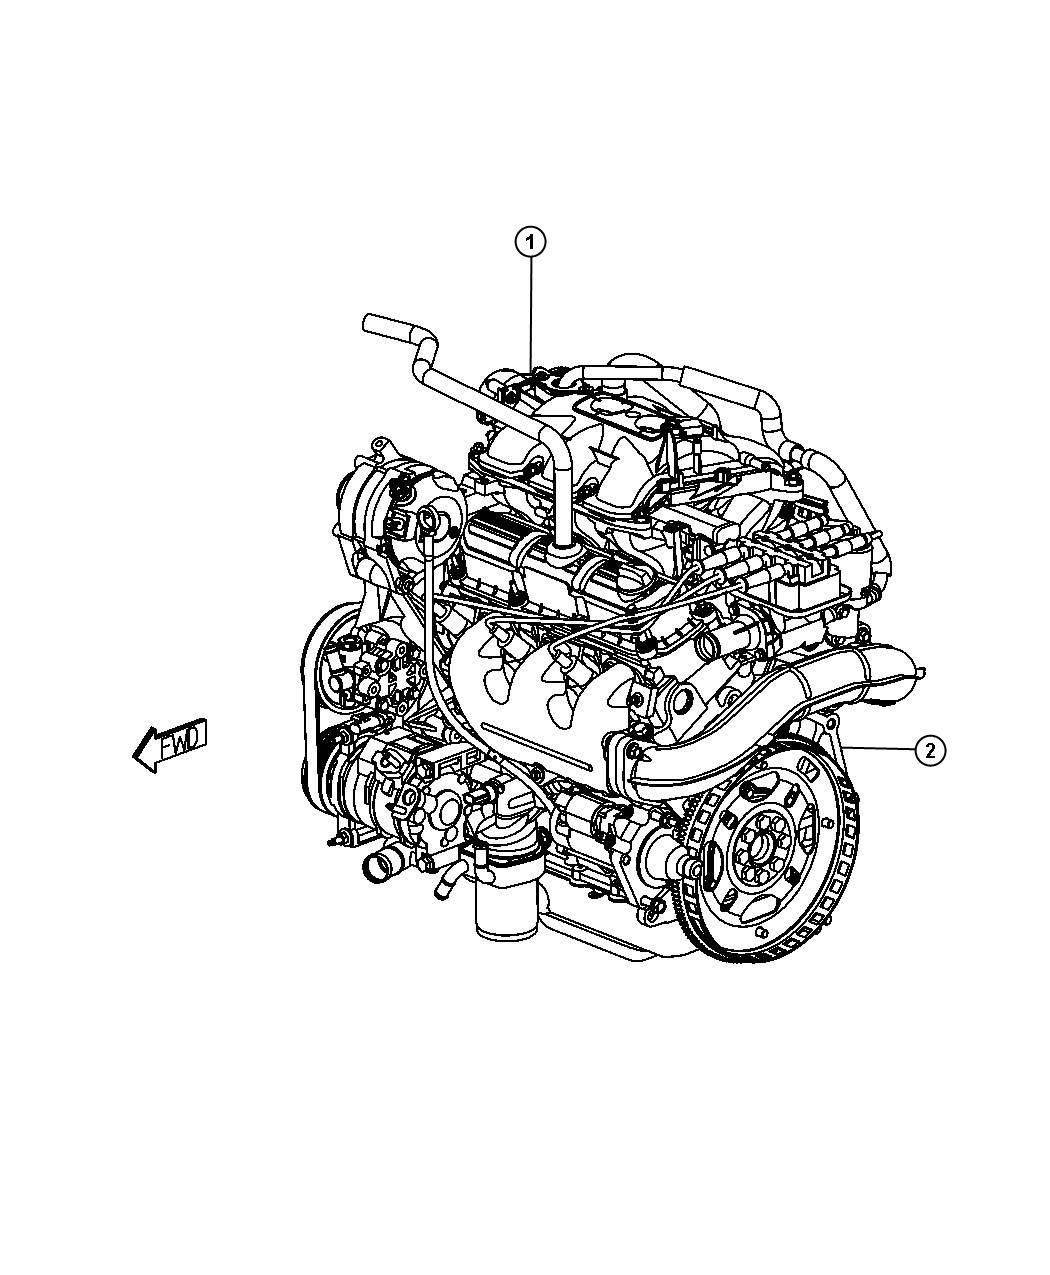 Dodge Grand Caravan Engine Long Block